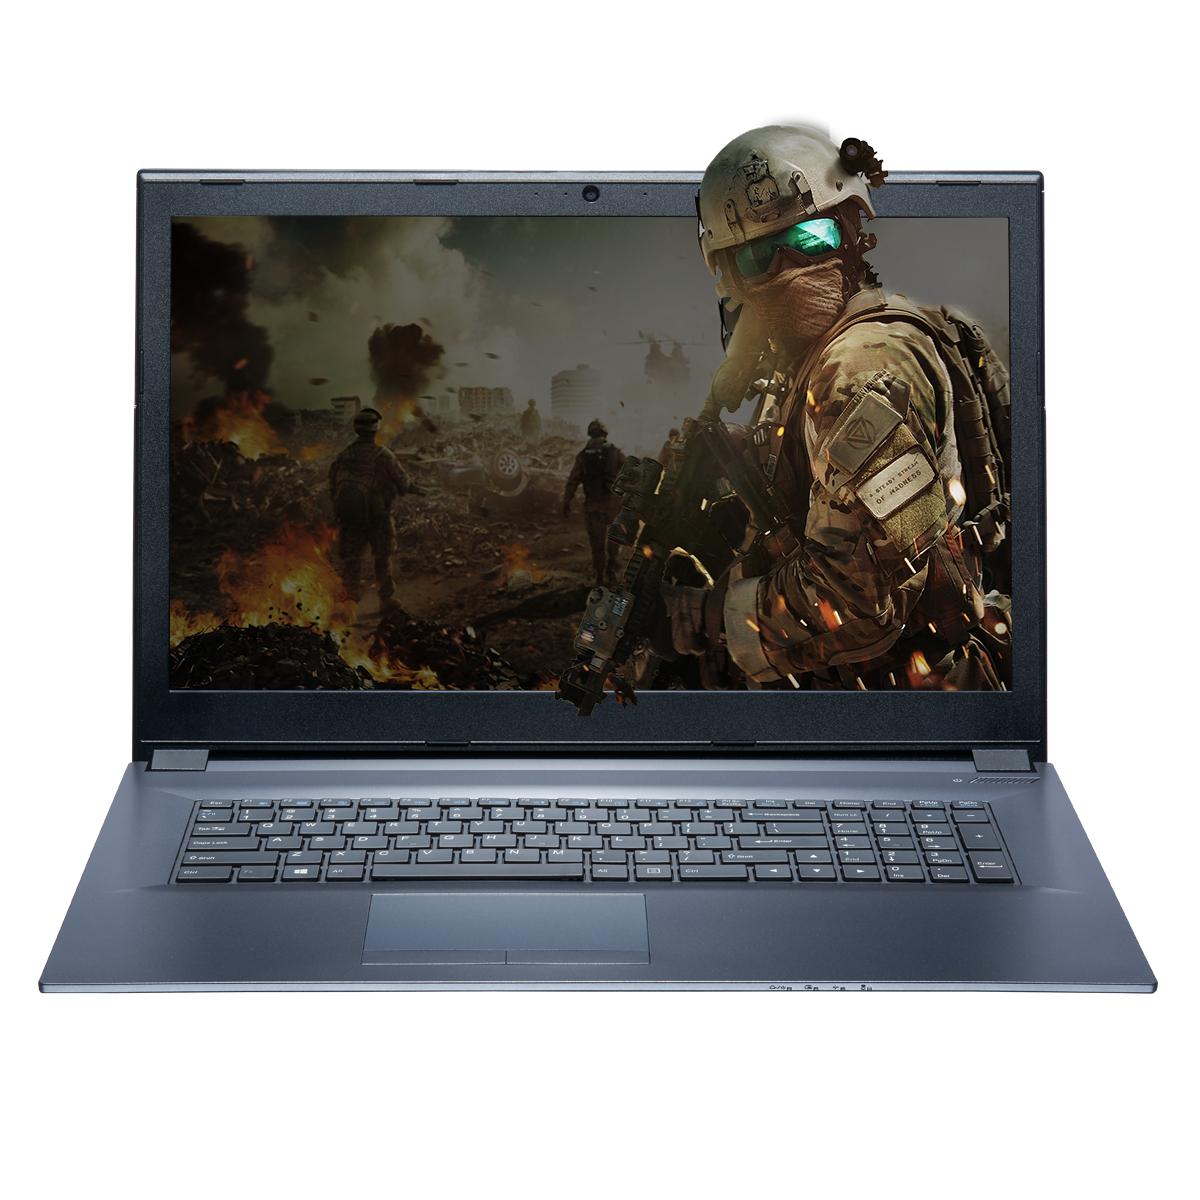 """Einstiegs-Clevo Notebook/Laptop mit 17"""" Full-HD Display, i7-7700HQ, GTX1060, SSD und HDD, 8GB RAM"""